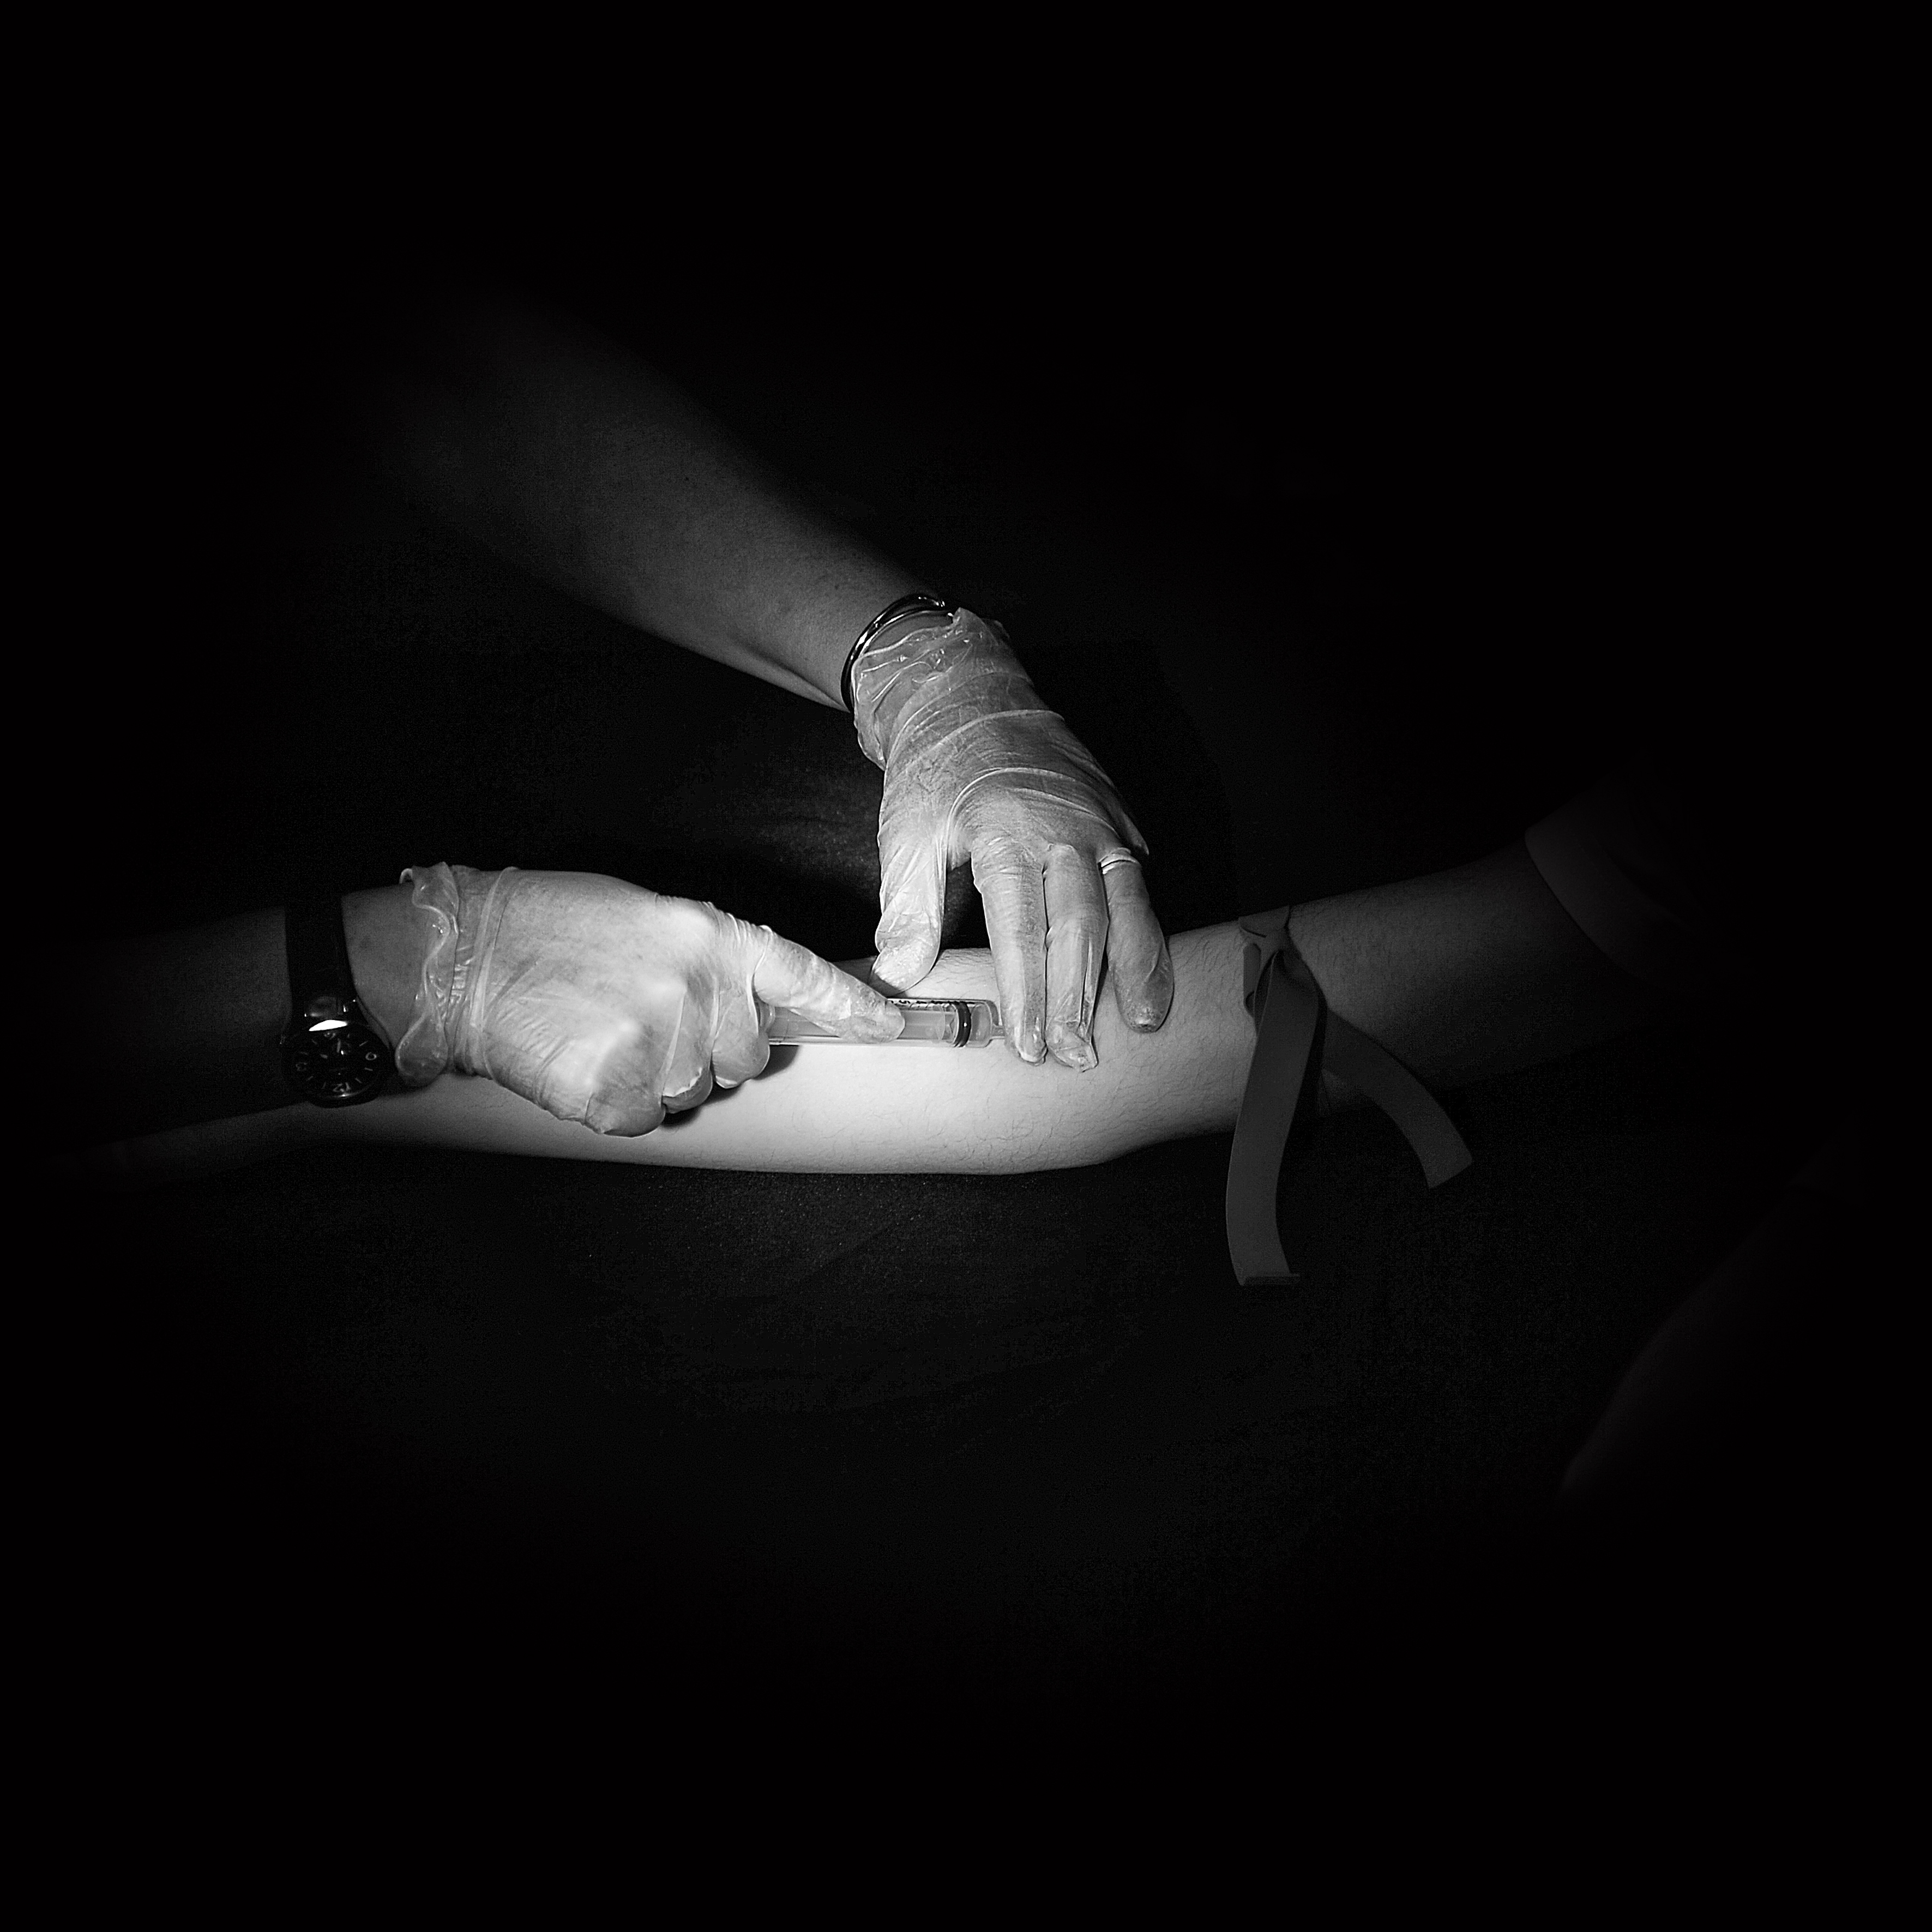 Con guante blanco. Jose Tomas Rojas. Granada